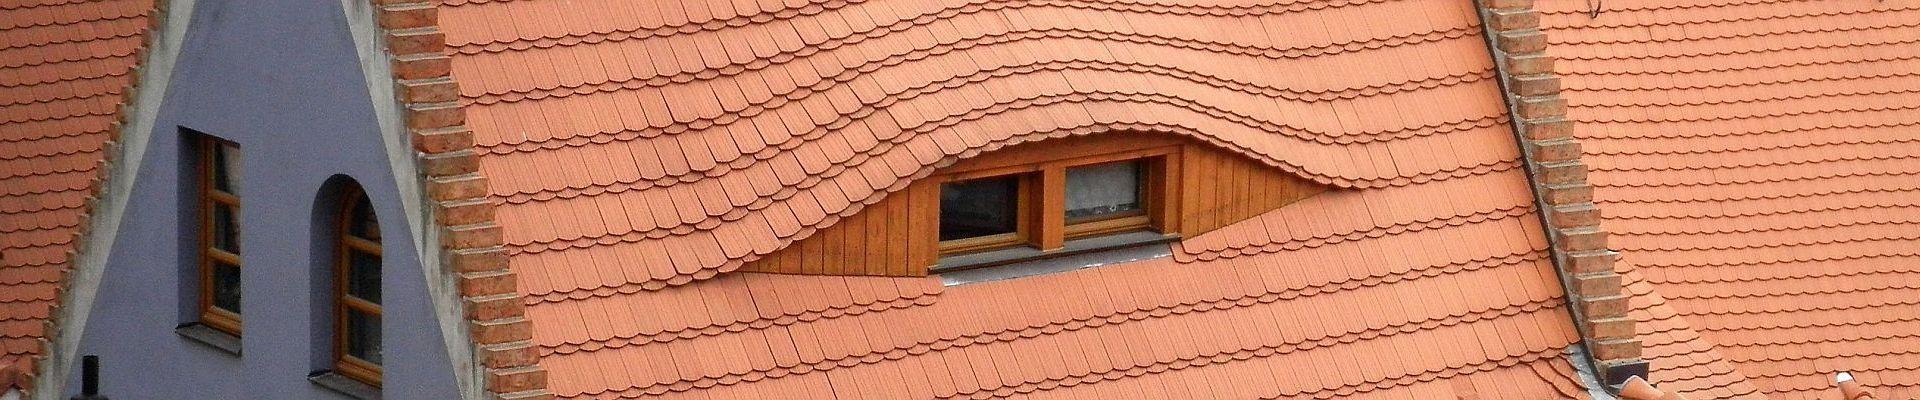 LIV Bayerisches Dachdeckerhandwerk Landesinnungsverband